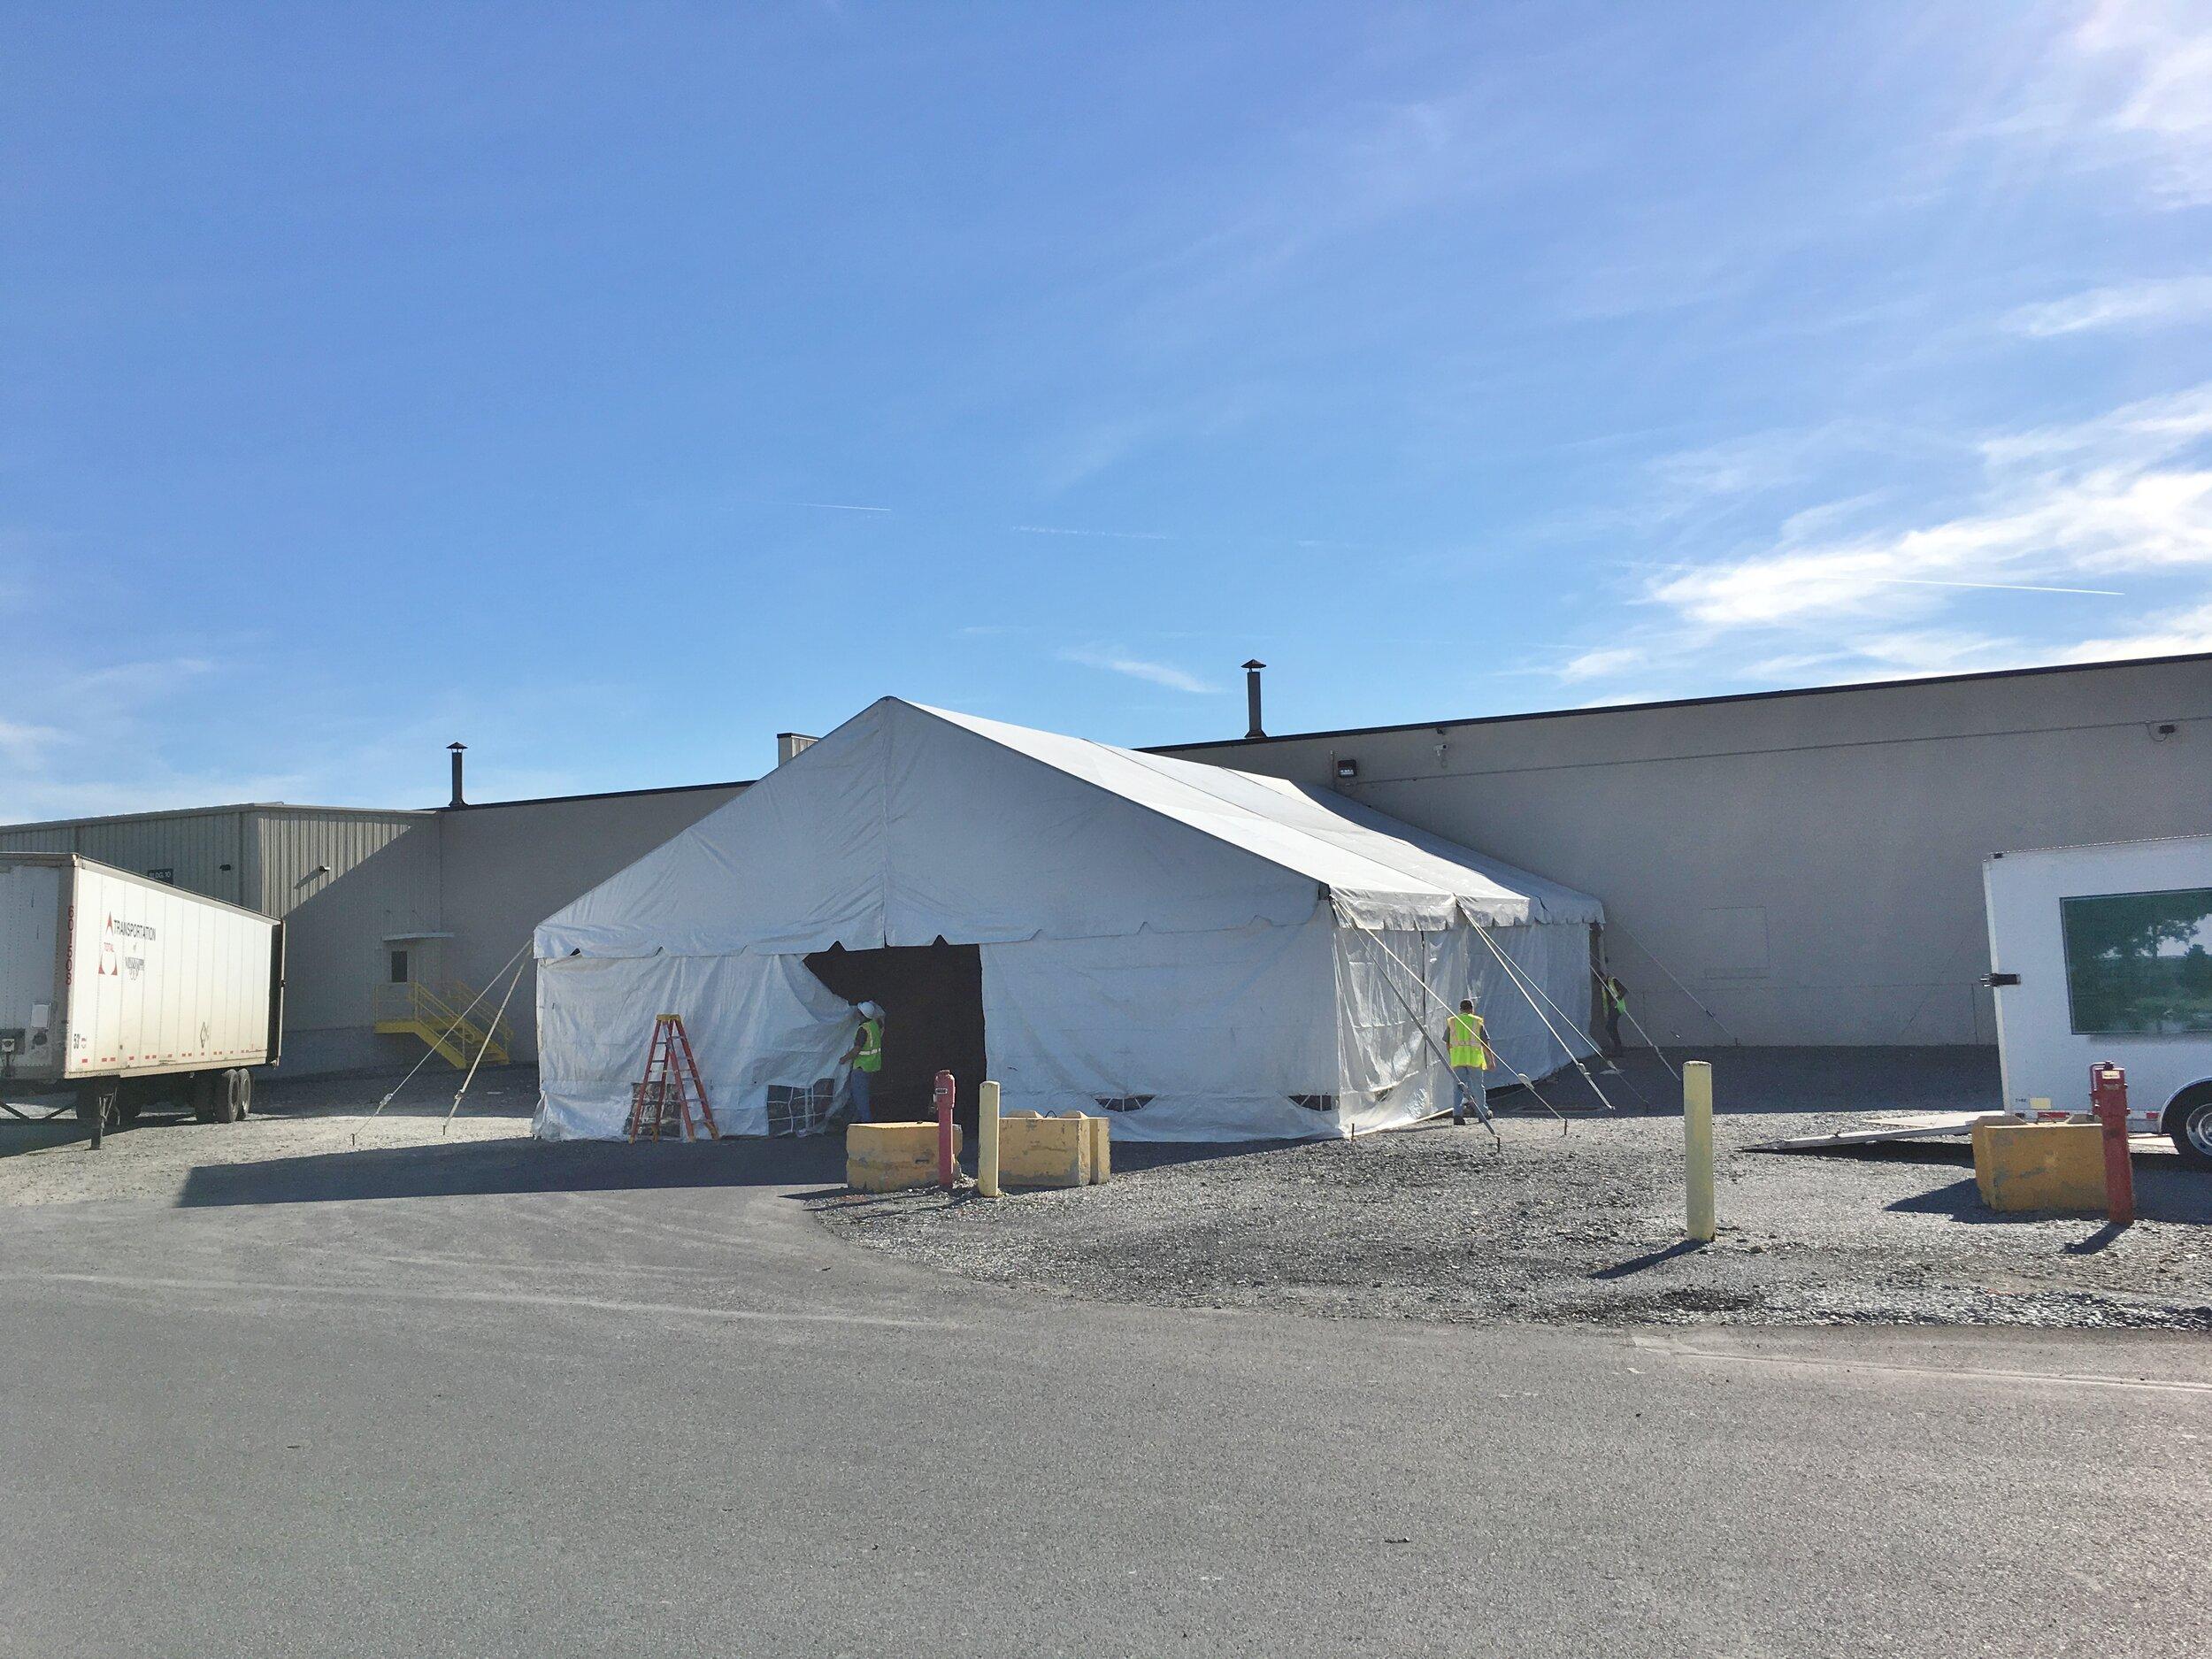 Commercial tent management service